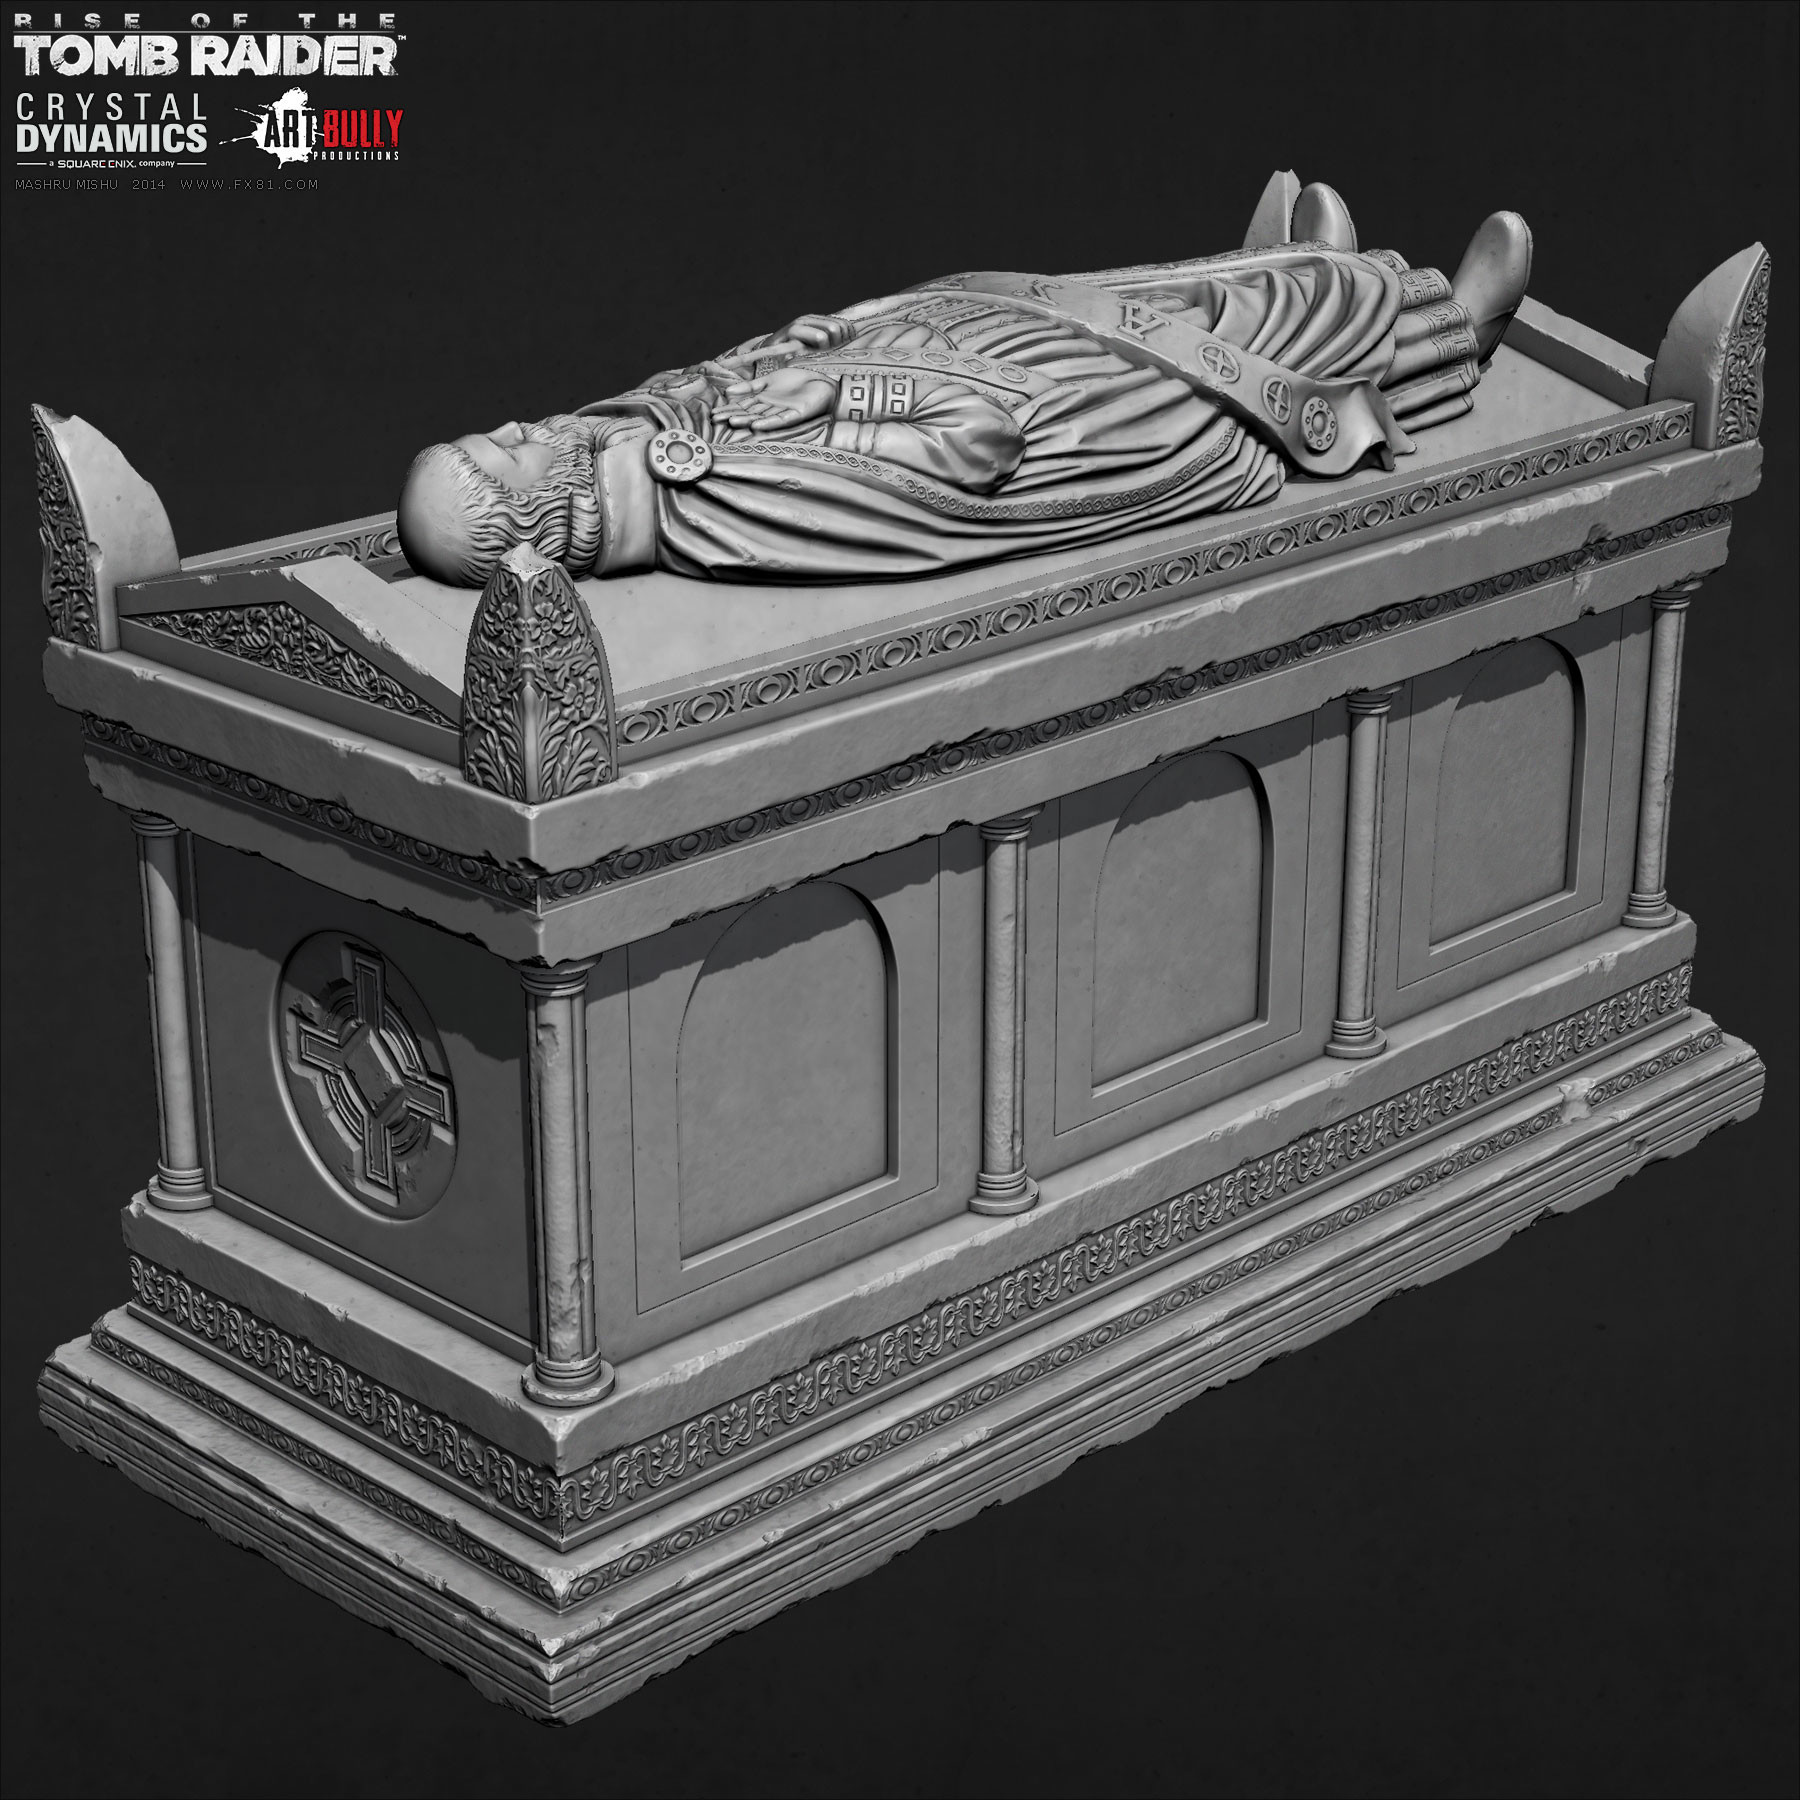 Mashru mishu rottr sarcophagus 02